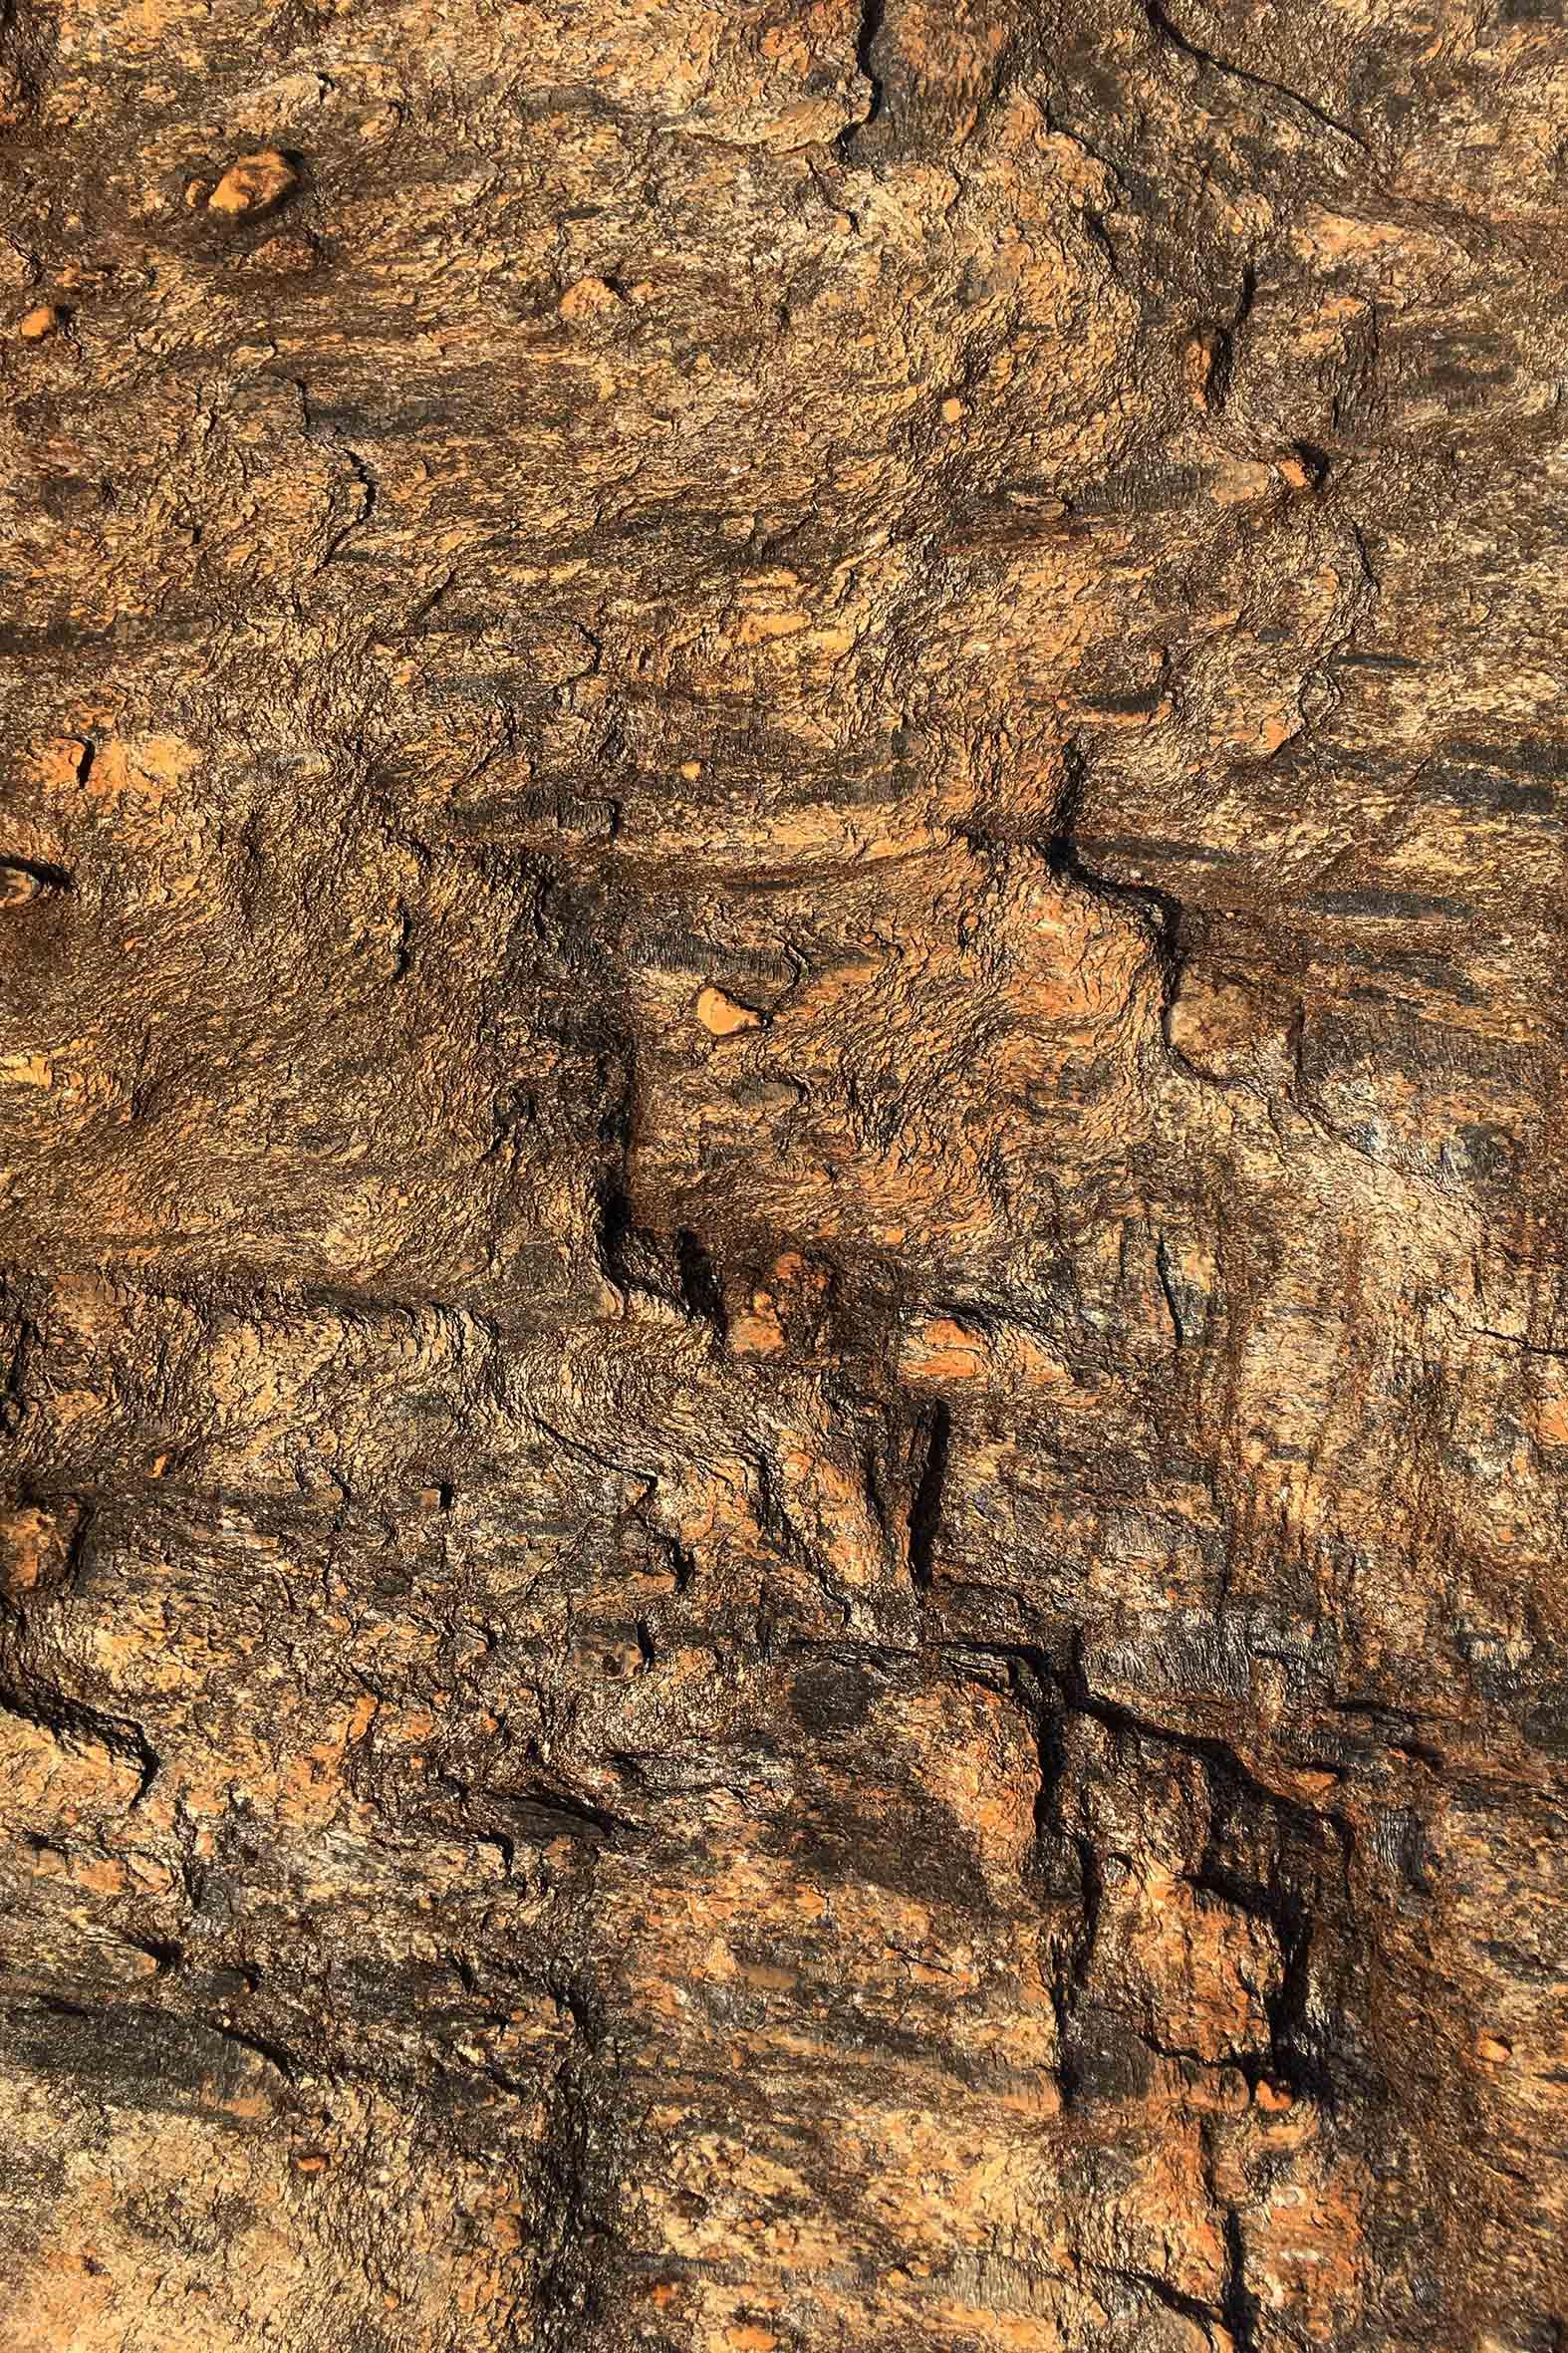 Mar-de-Montanhas_imagery-Daniel-Cavalcanti-1